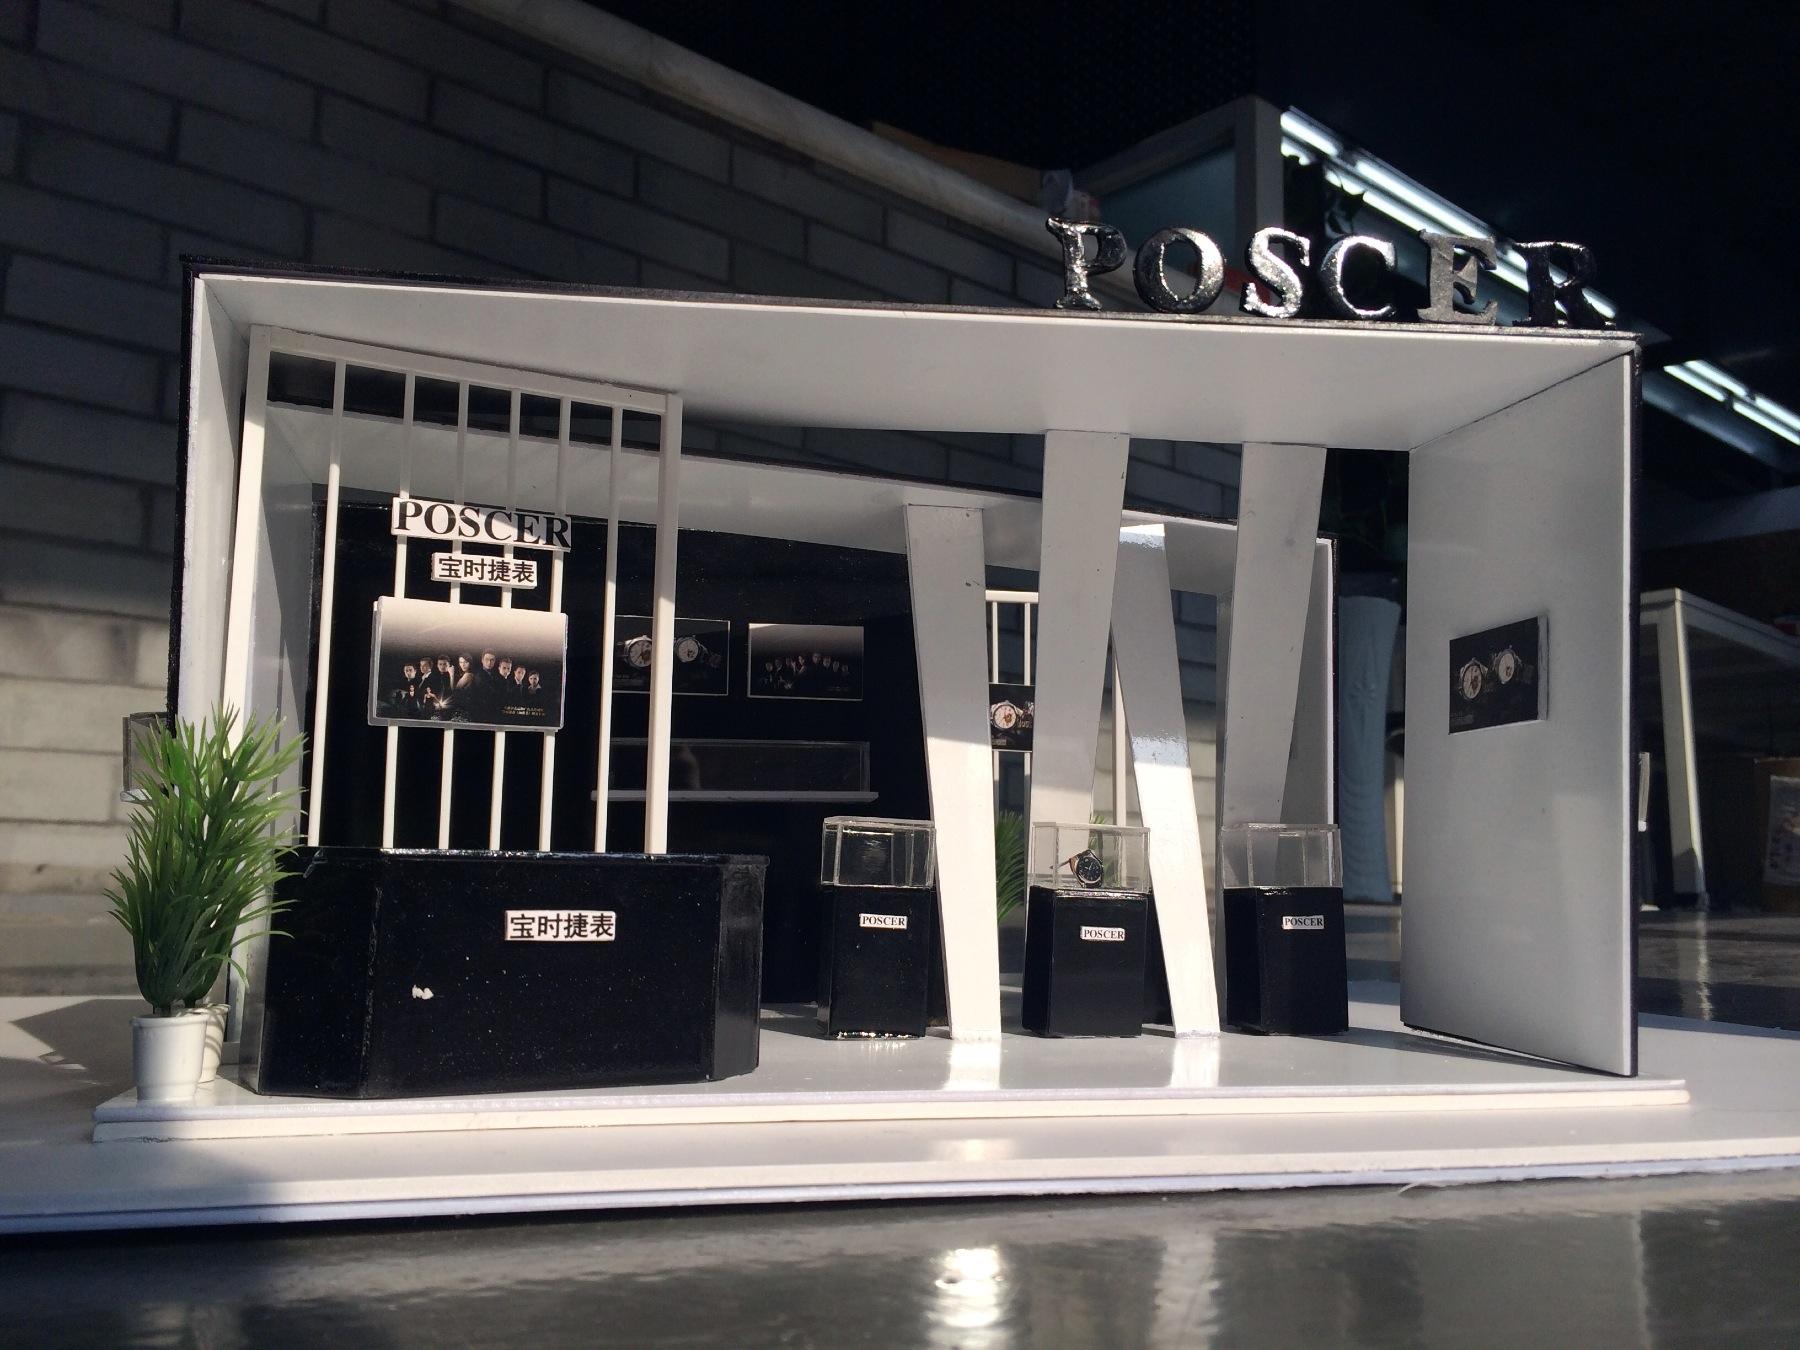 展厅展示 空间 展示设计  刘雪帆 - 原创作品 - 站酷